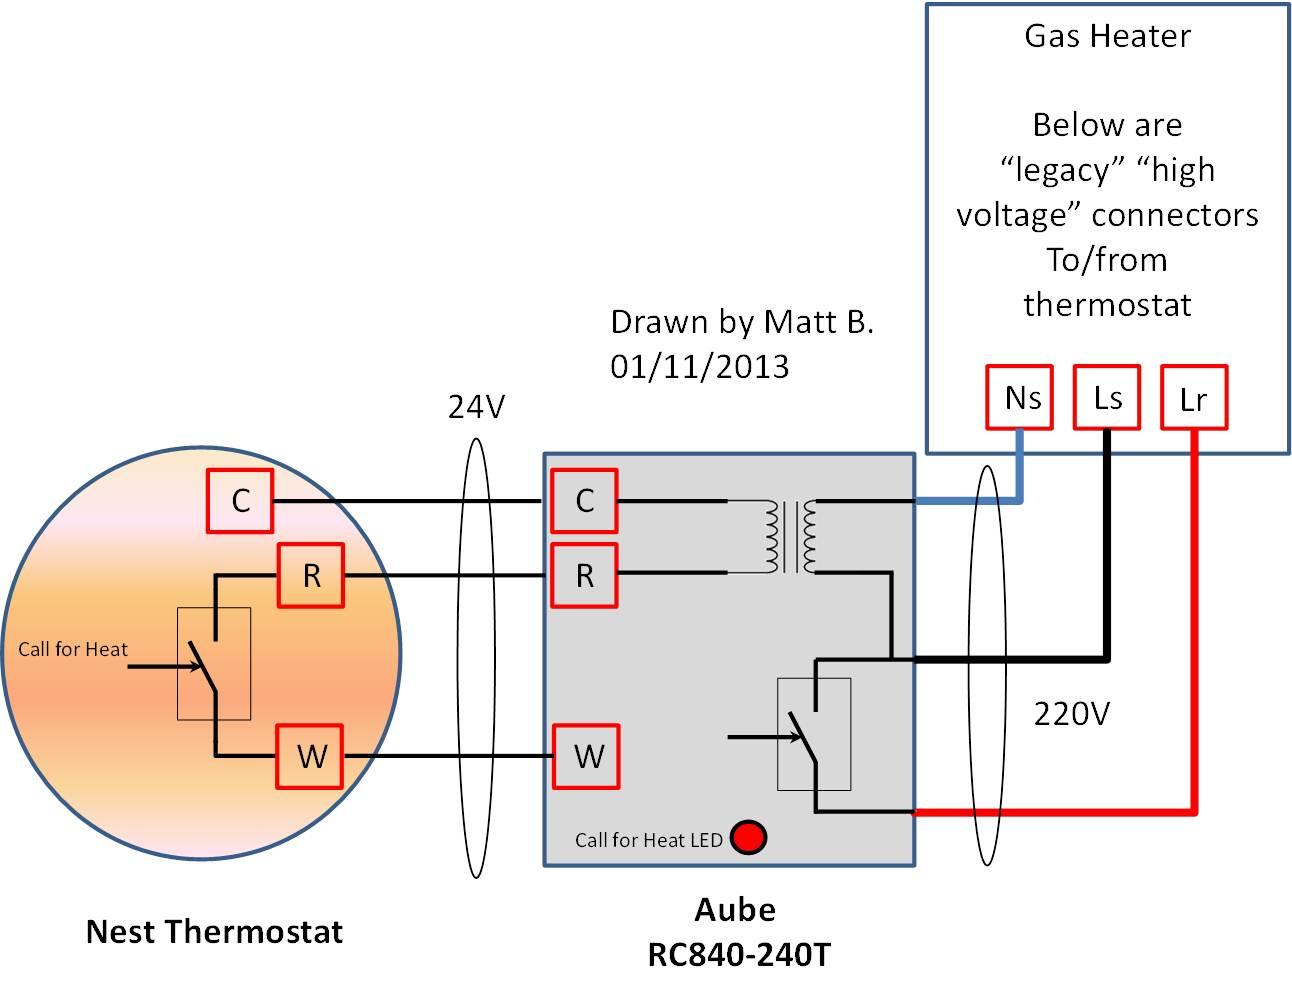 medium resolution of european 220 wire diagram wiring diagram yer european 220v wiring diagram european 220v wiring diagram